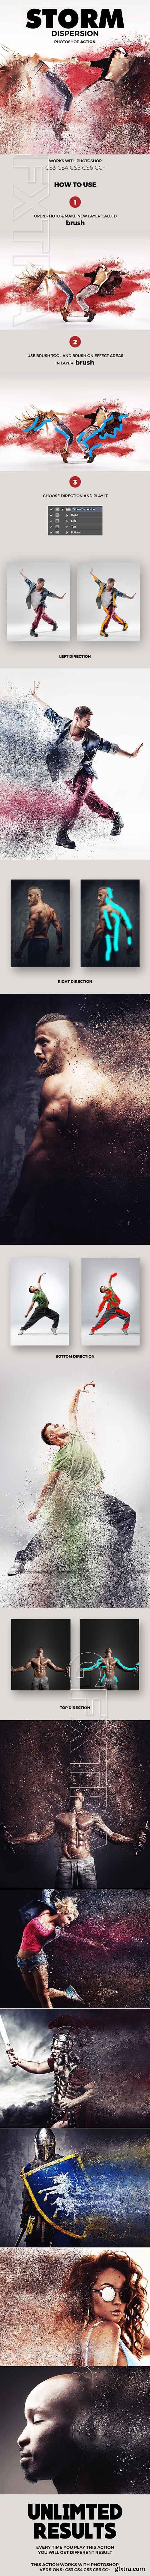 GraphicRiver - Storm Dispersion Photoshop Action 21090142